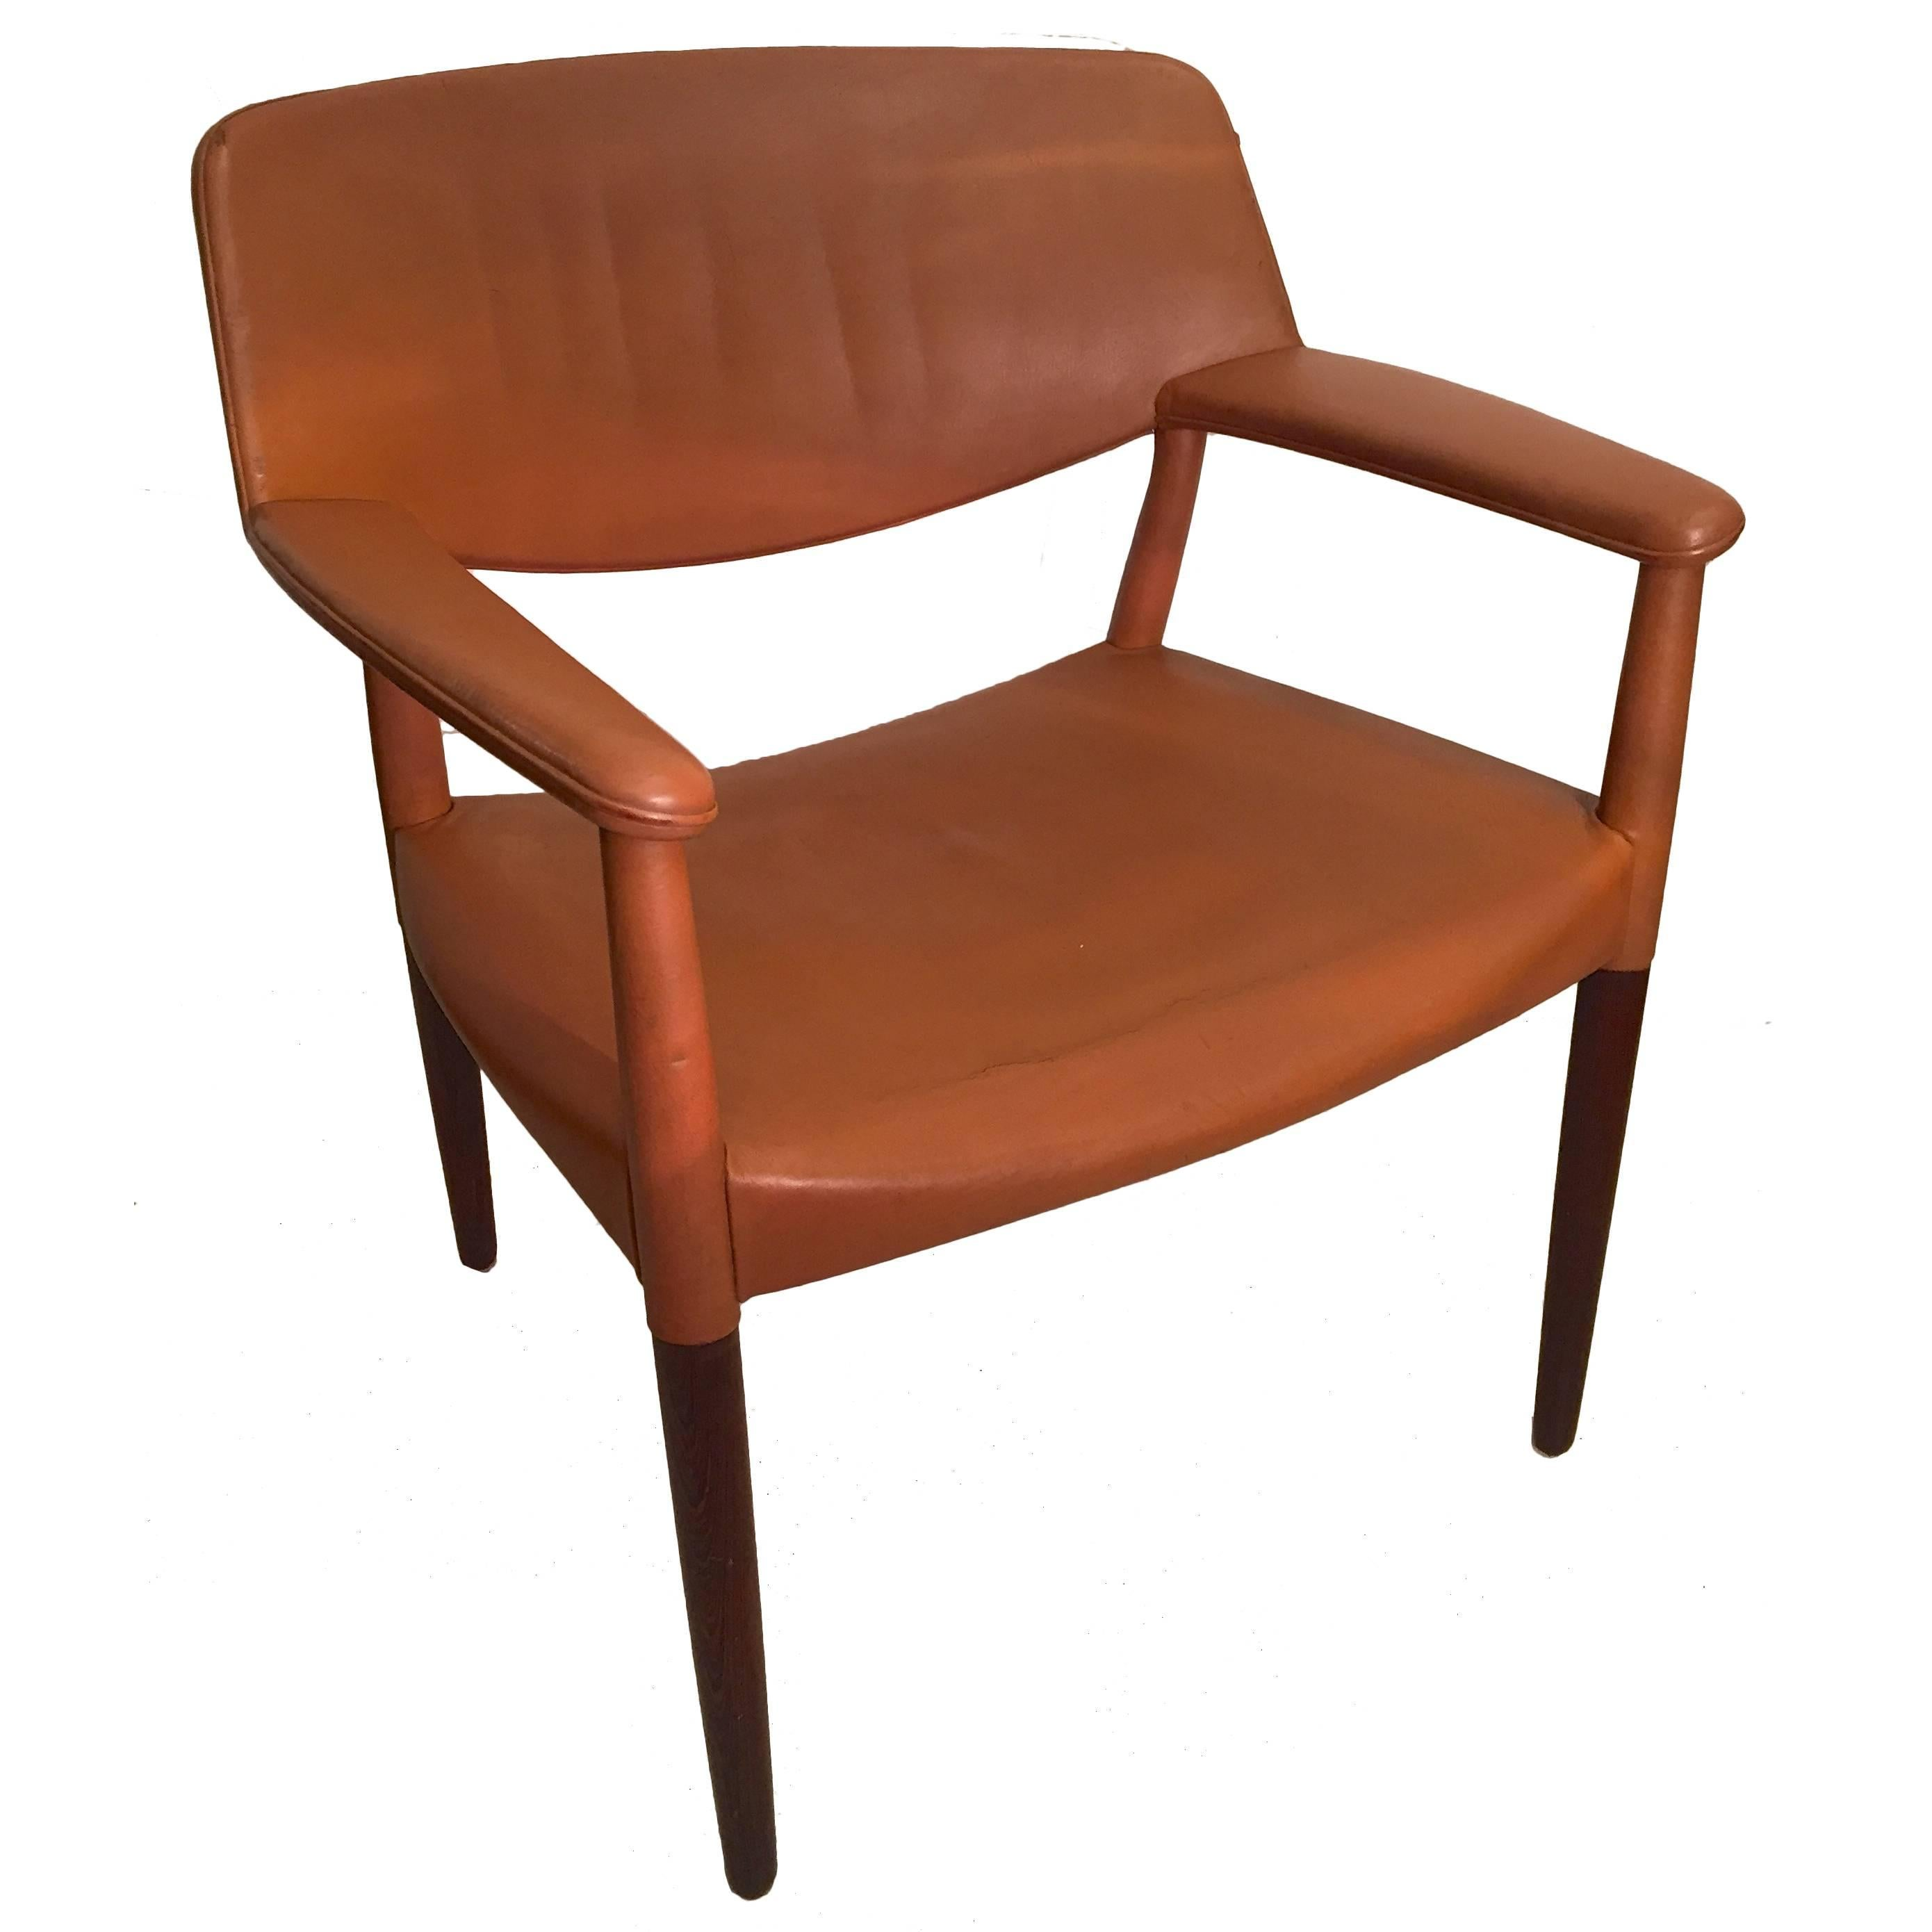 Armchair by Ejner Larsen and Aksel Bender Madsen